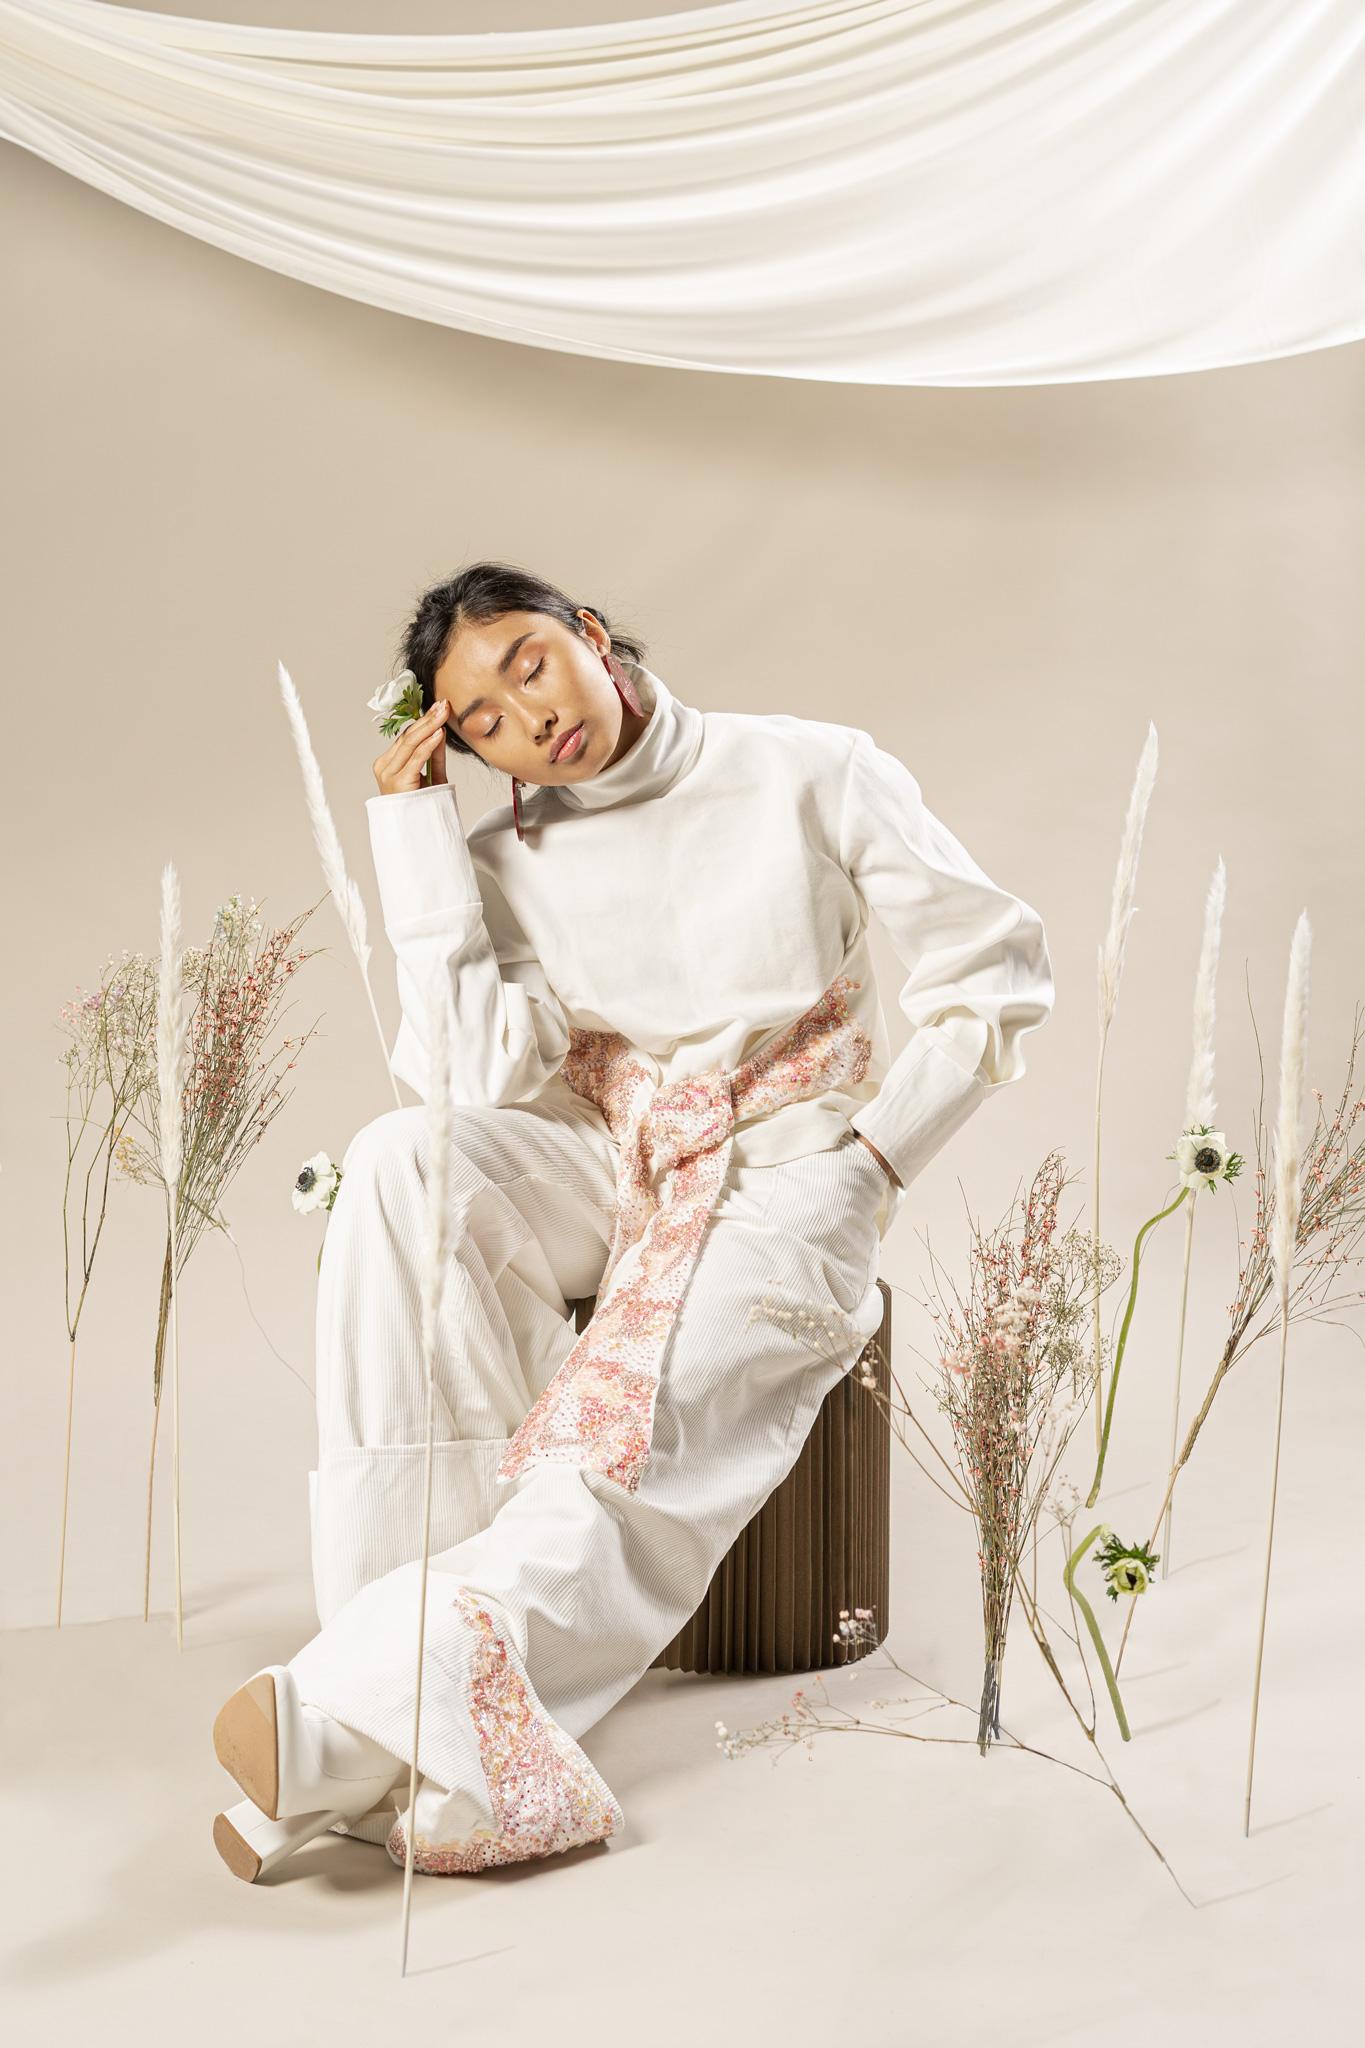 Une femme assise sur un tabouret en carton, entourée de fleurs, tenant une fleur dans sa main droite qui s'appuie du bout des doigts sur son front.